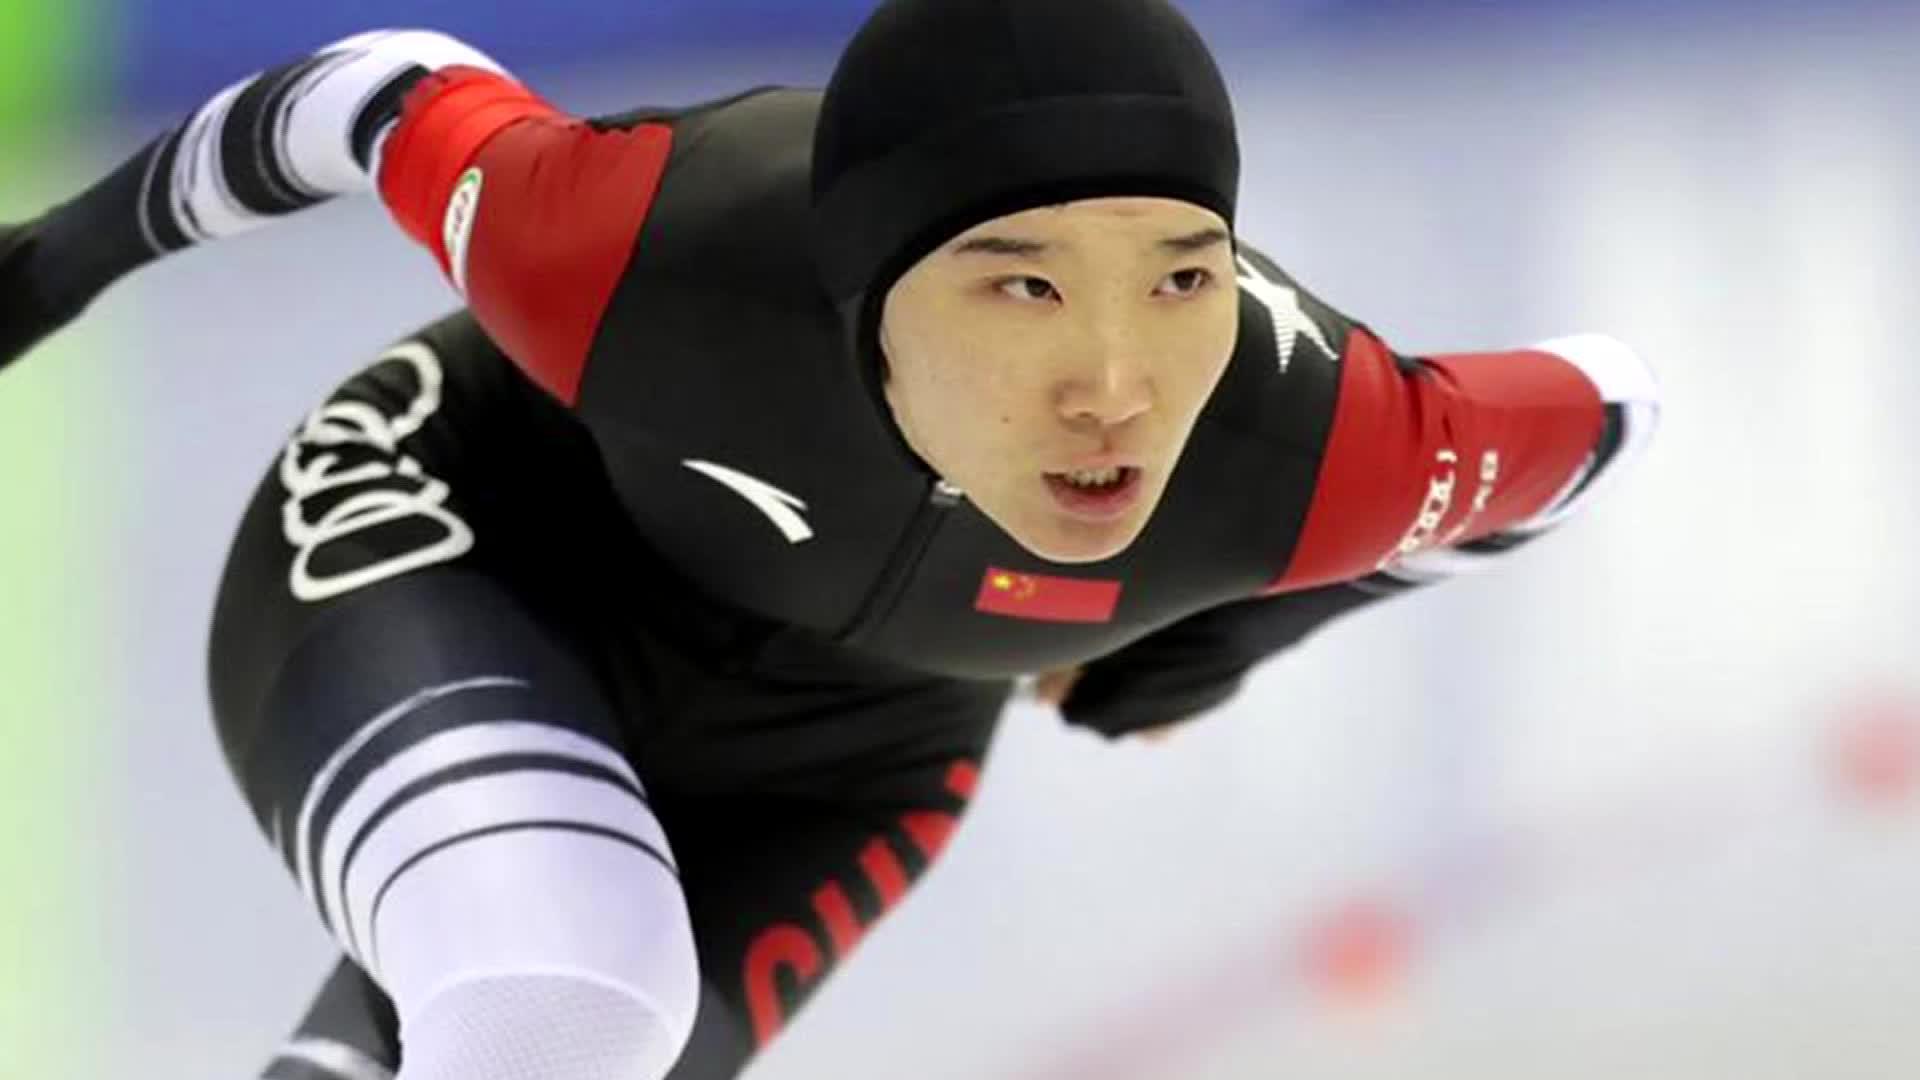 速滑青年世界杯中国队8金收官 名列金牌榜和奖牌榜榜首